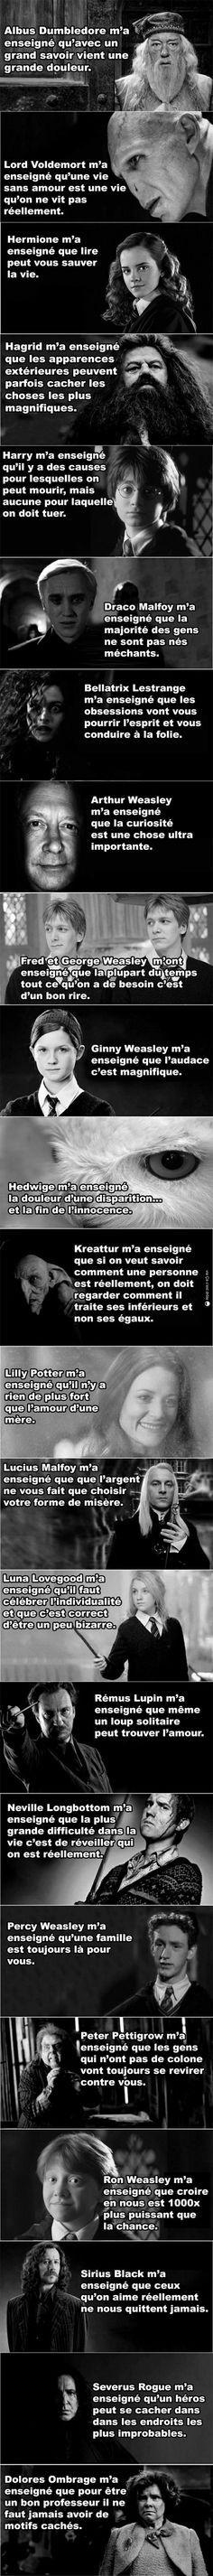 Tout ce qu'Harry Potter m'a enseigné